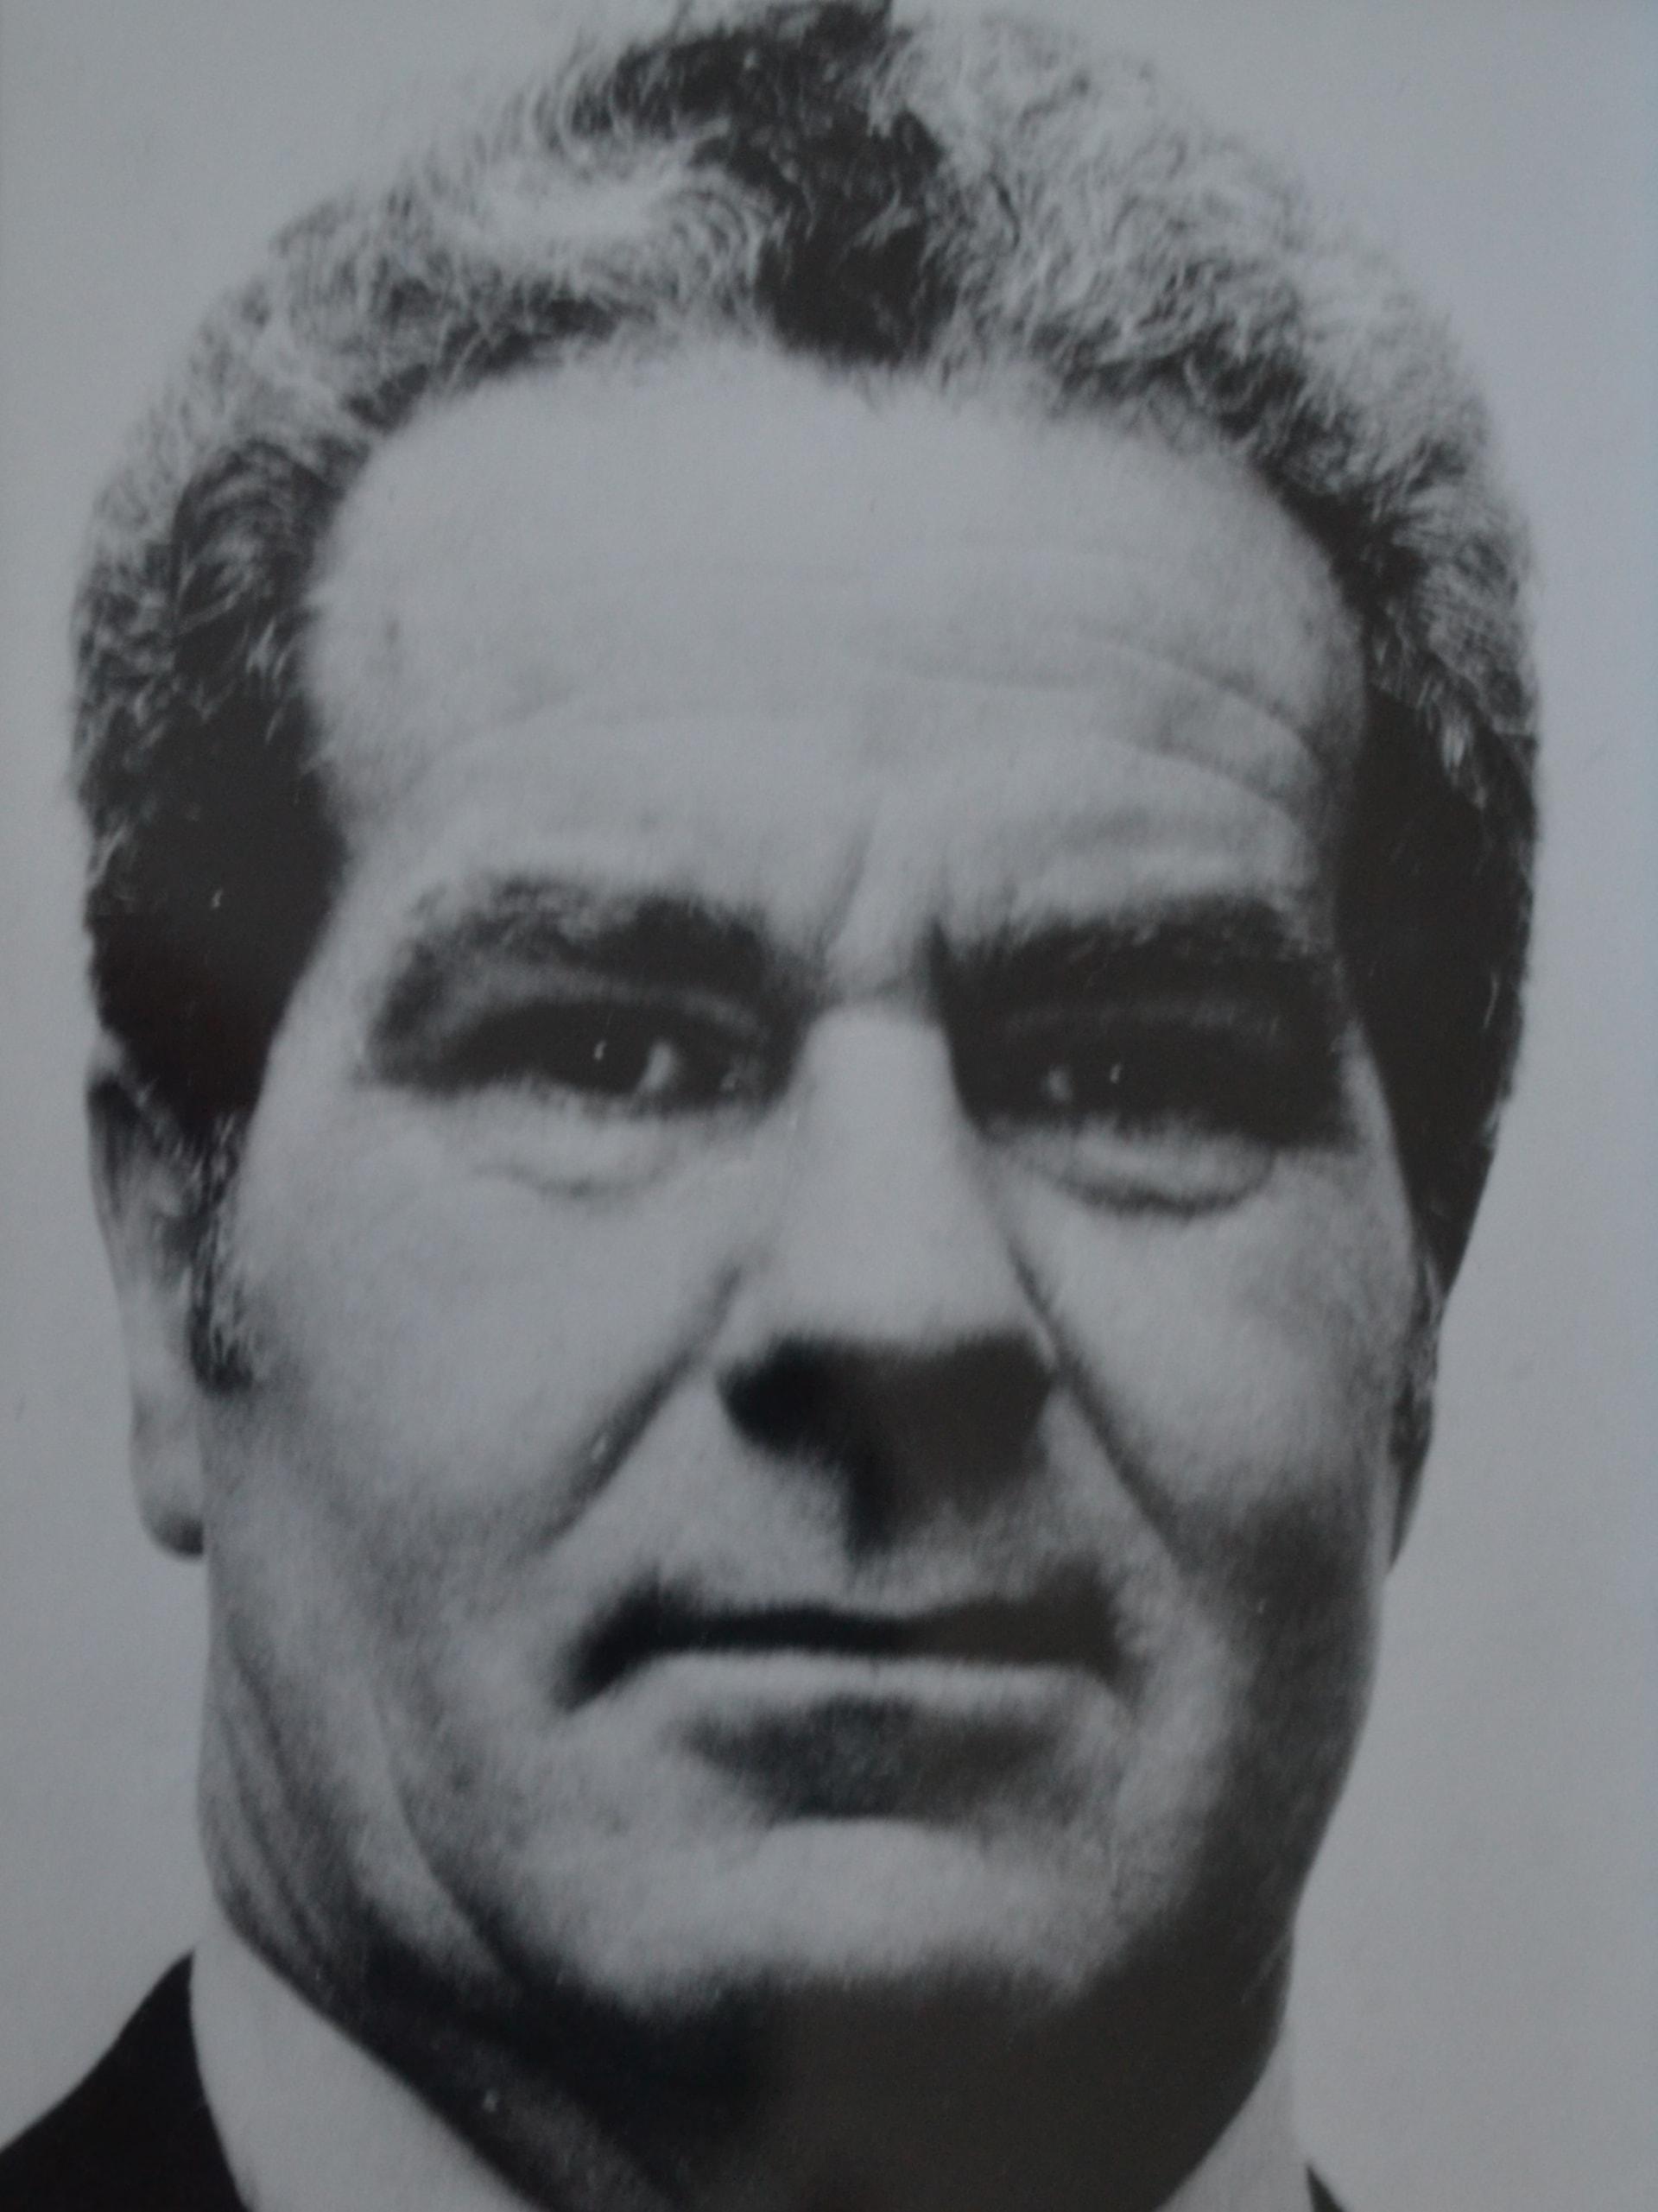 1977-Ken-Packer.1-w1920.jpg